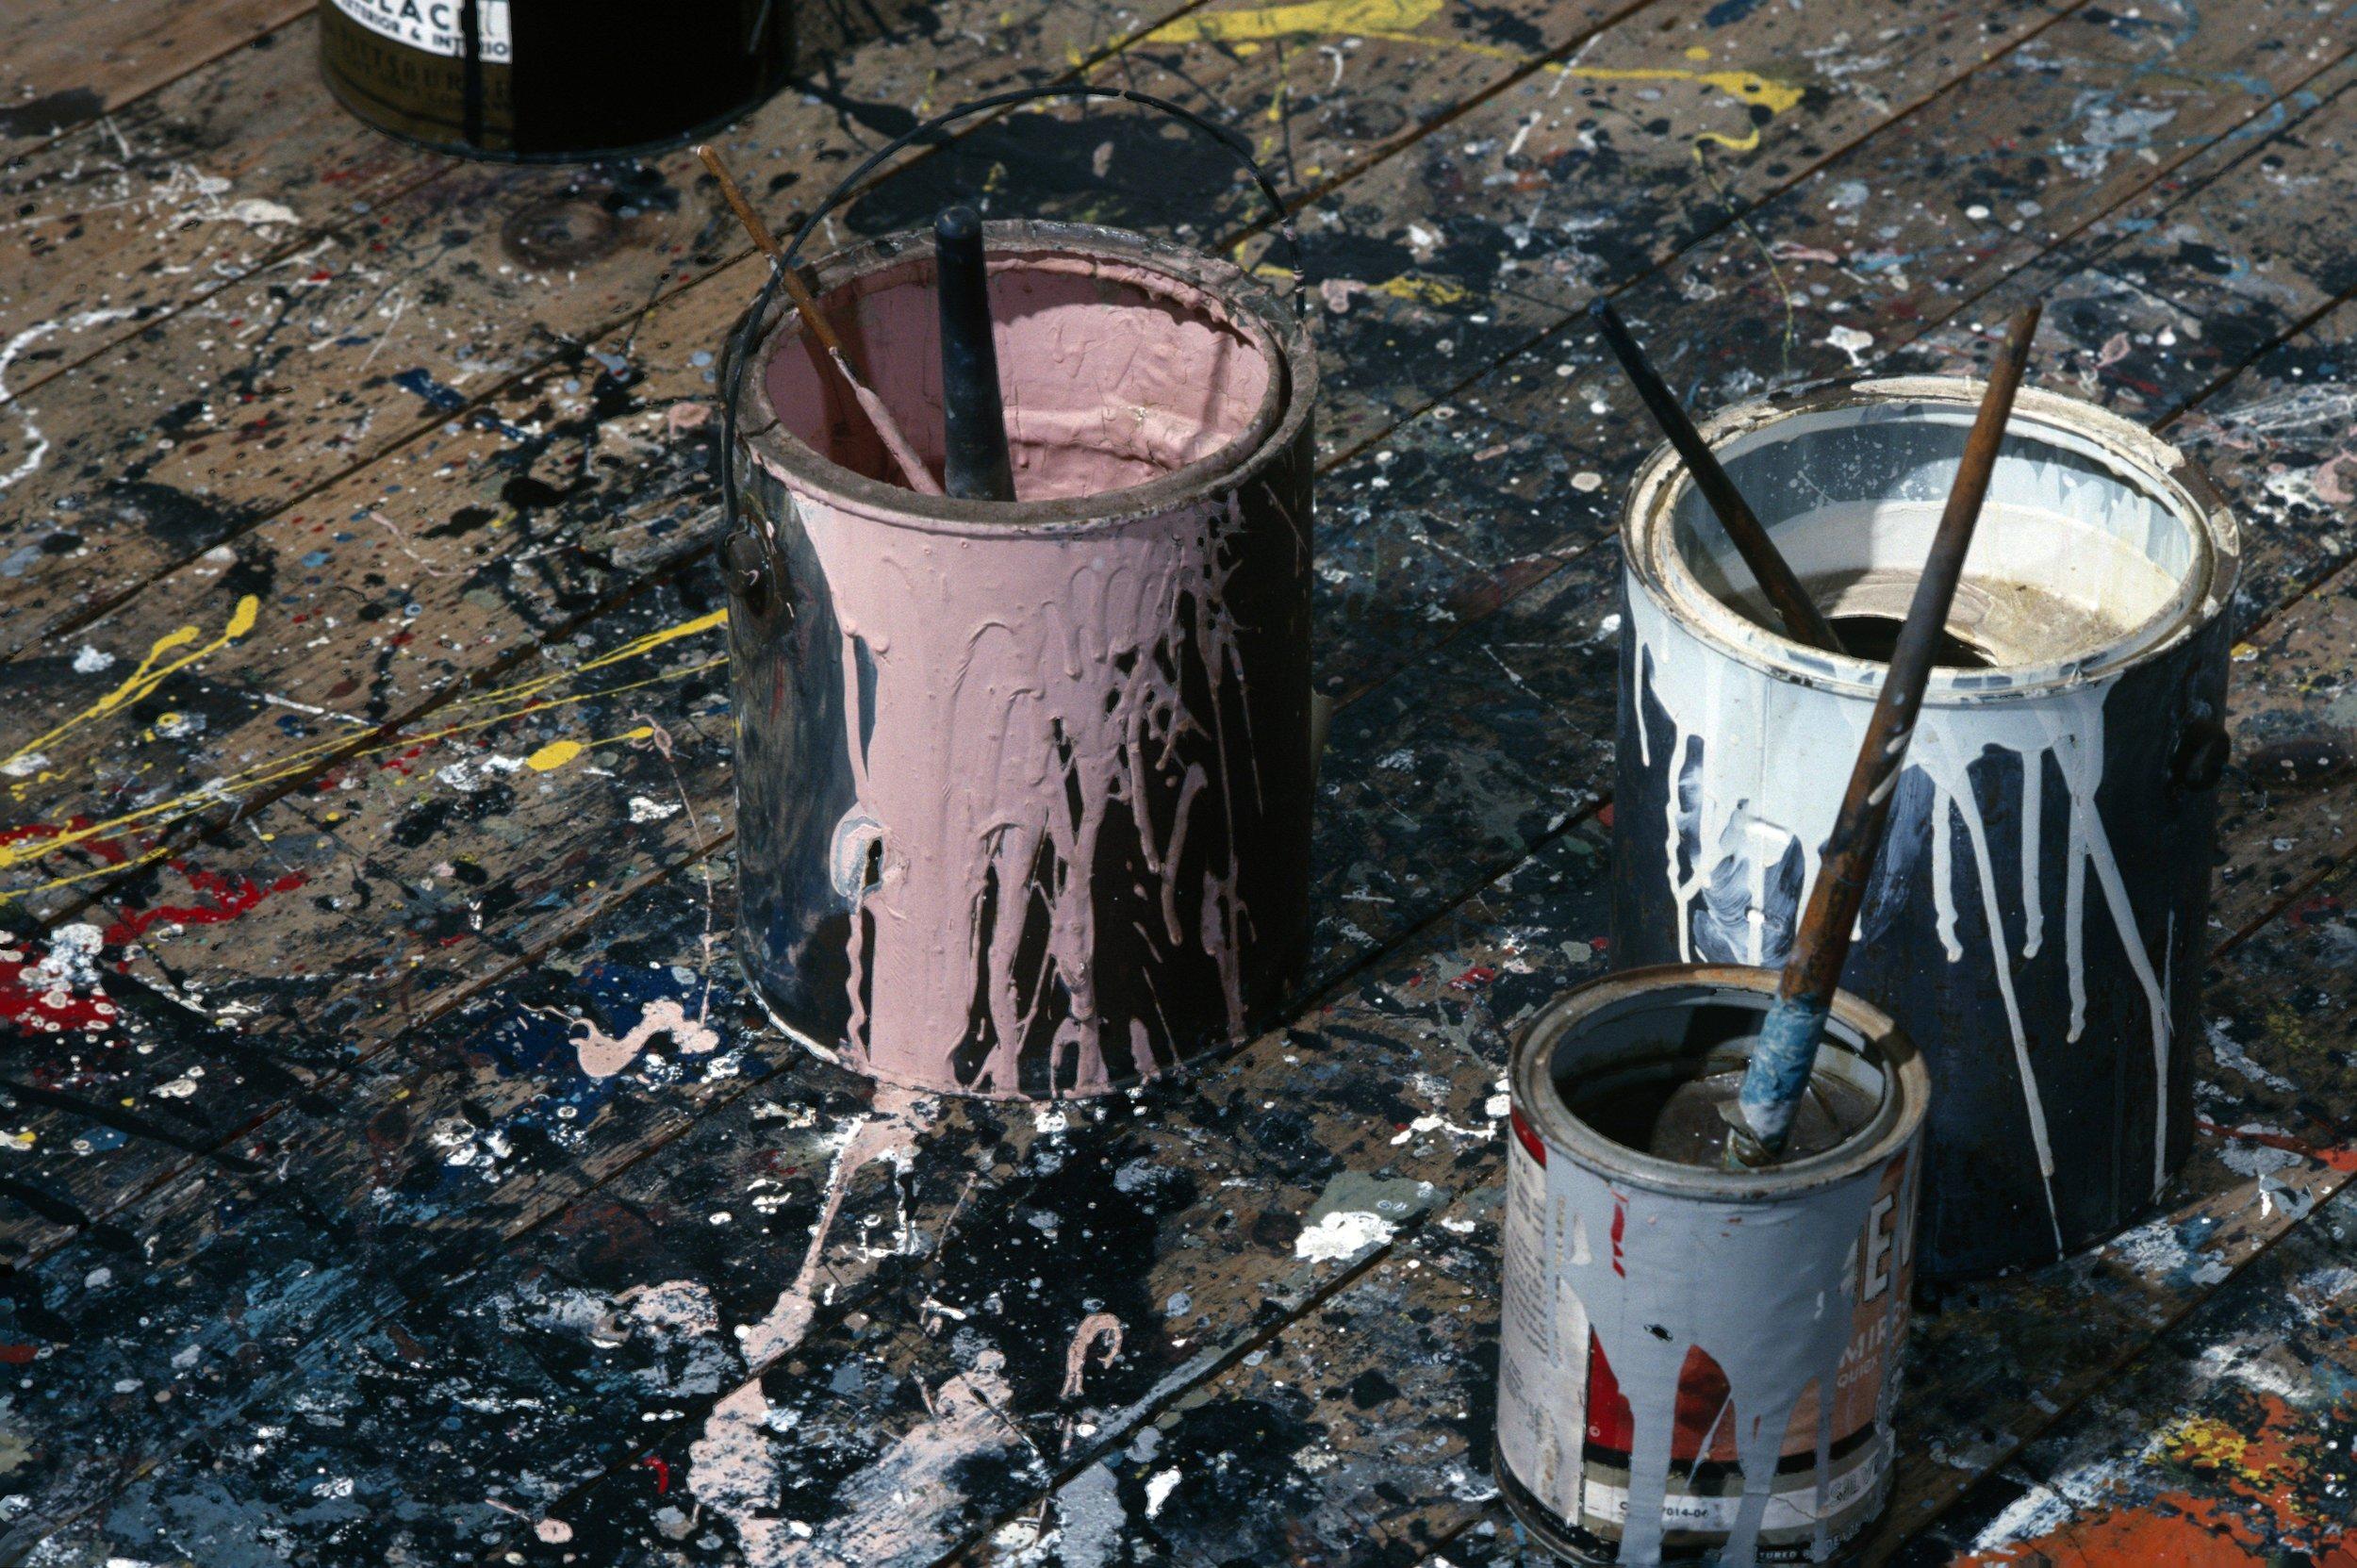 Pollock_PaintCans-56a6e71f5f9b58b7d0e56a03.jpg